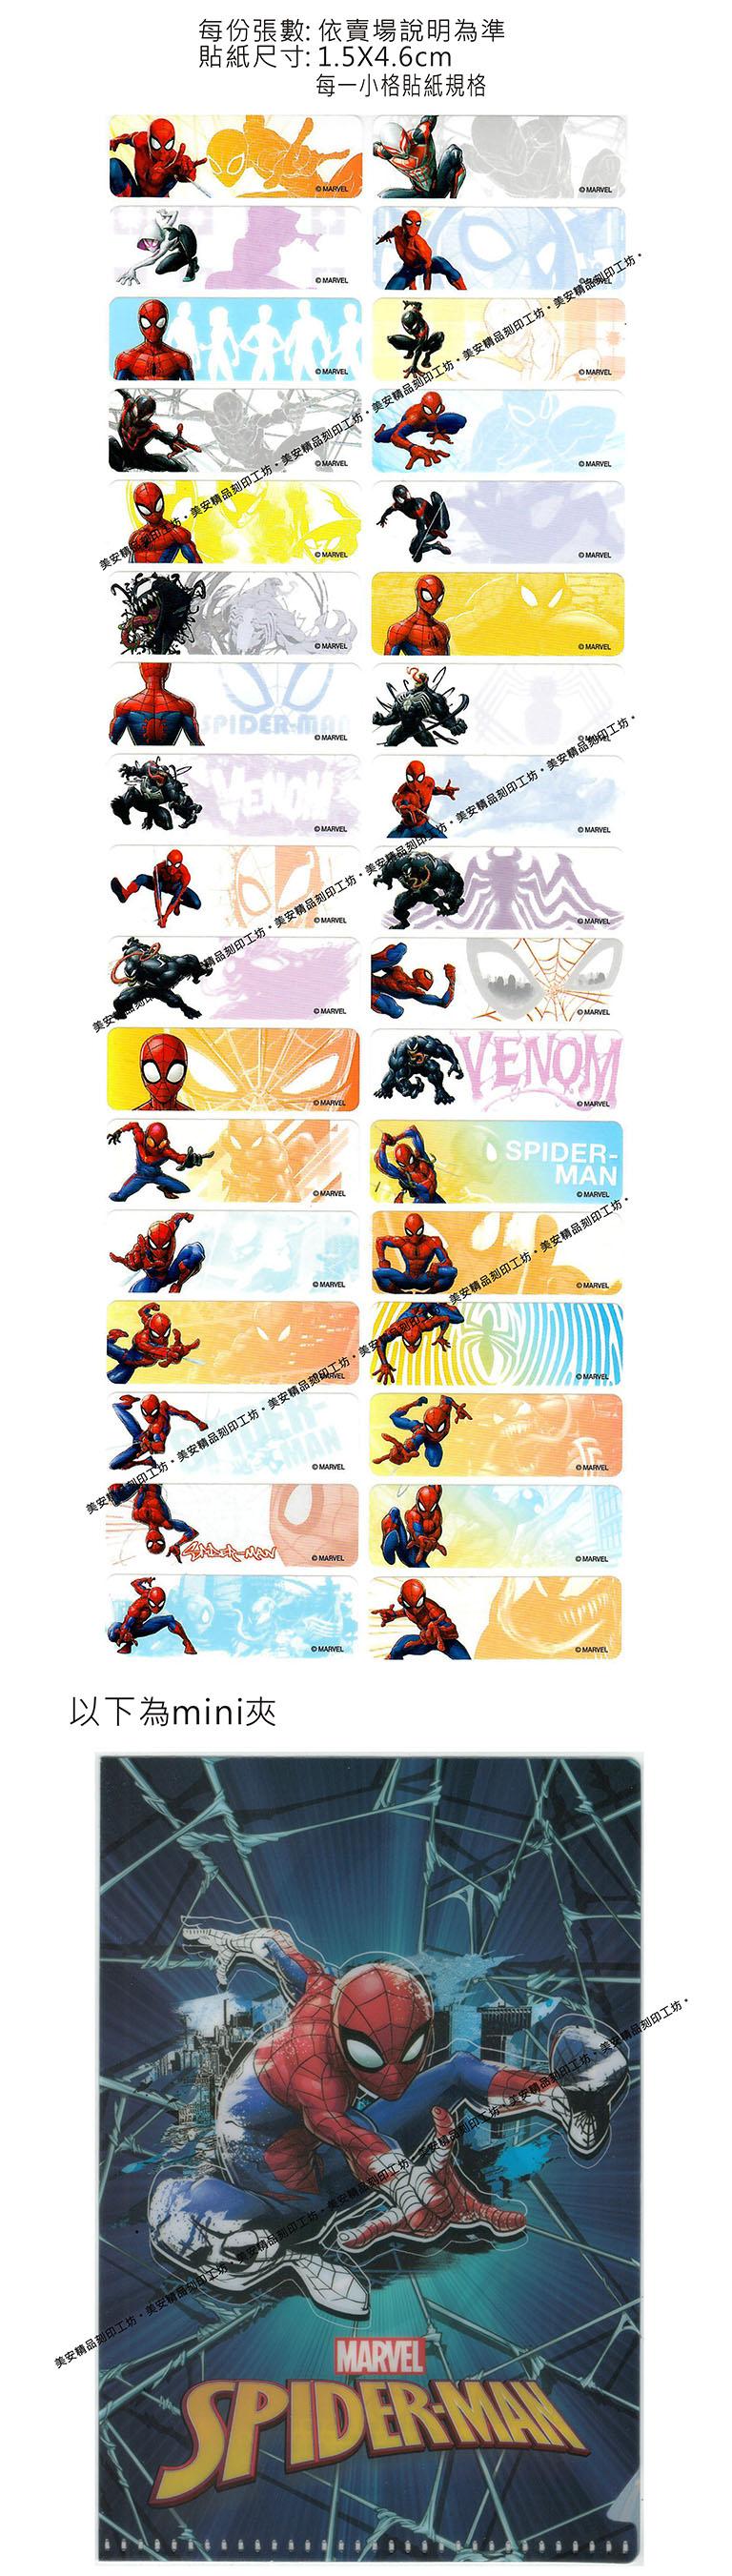 EE款蜘蛛人迪士尼授權-大型款姓名貼